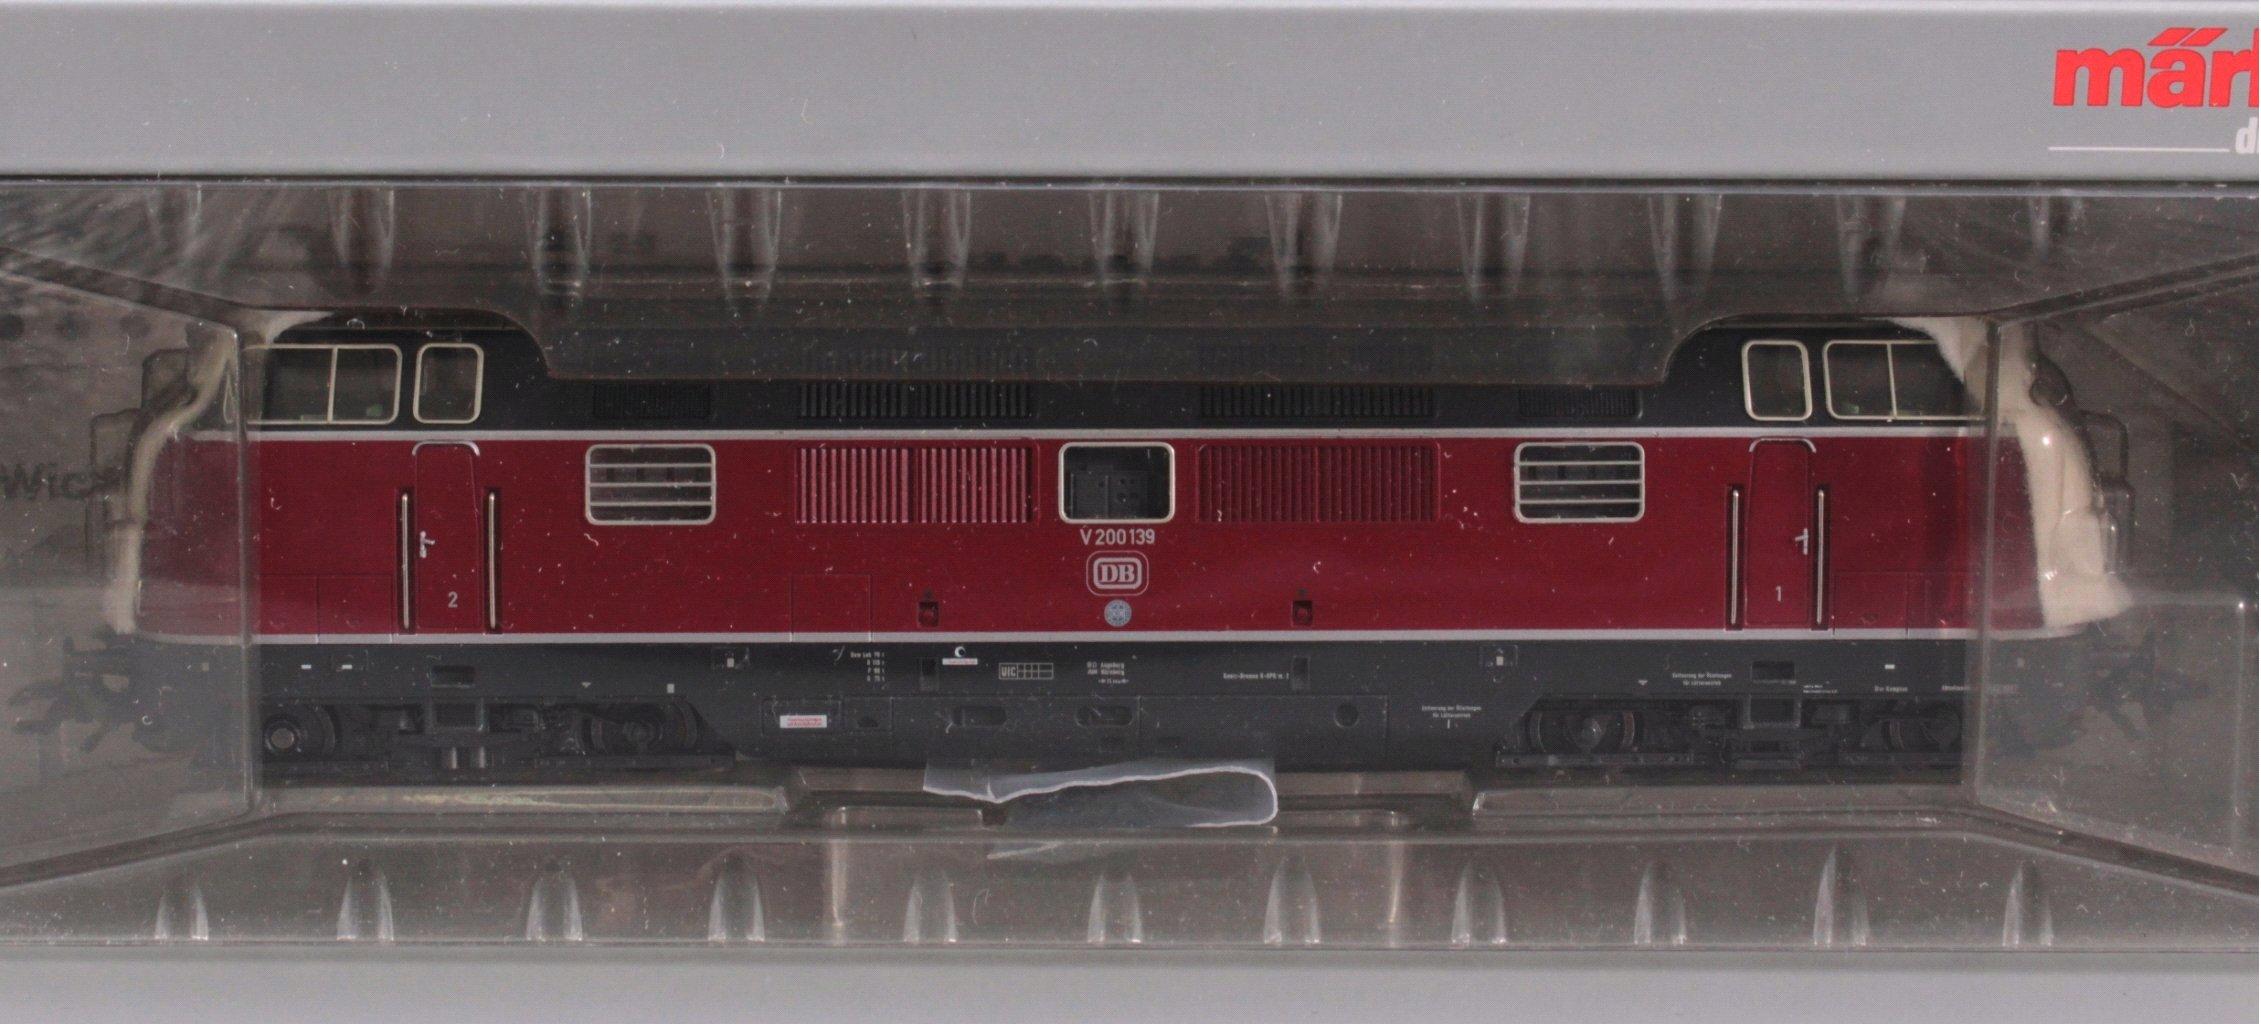 Märklin HO 3682 BR V 200.1 Diesellok-1